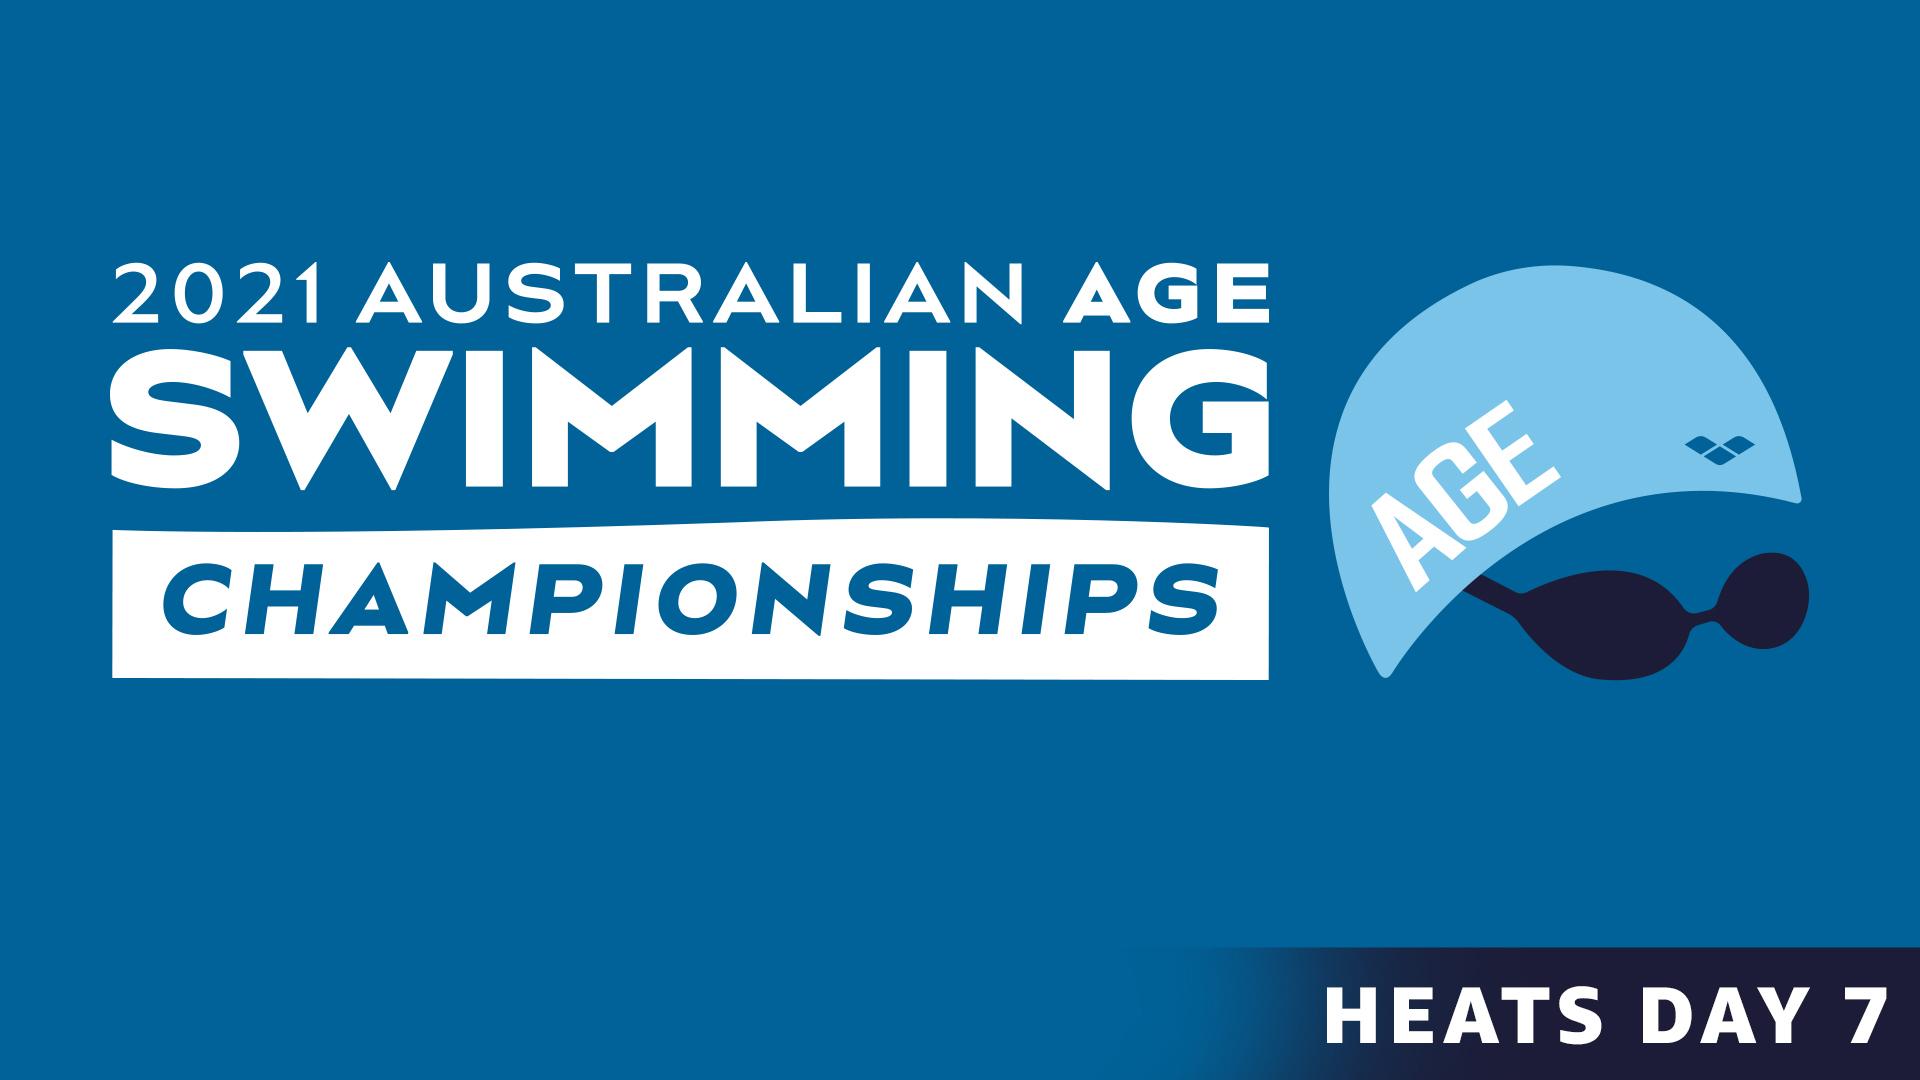 Australian Age Swimming Championships: Day 7 Heats